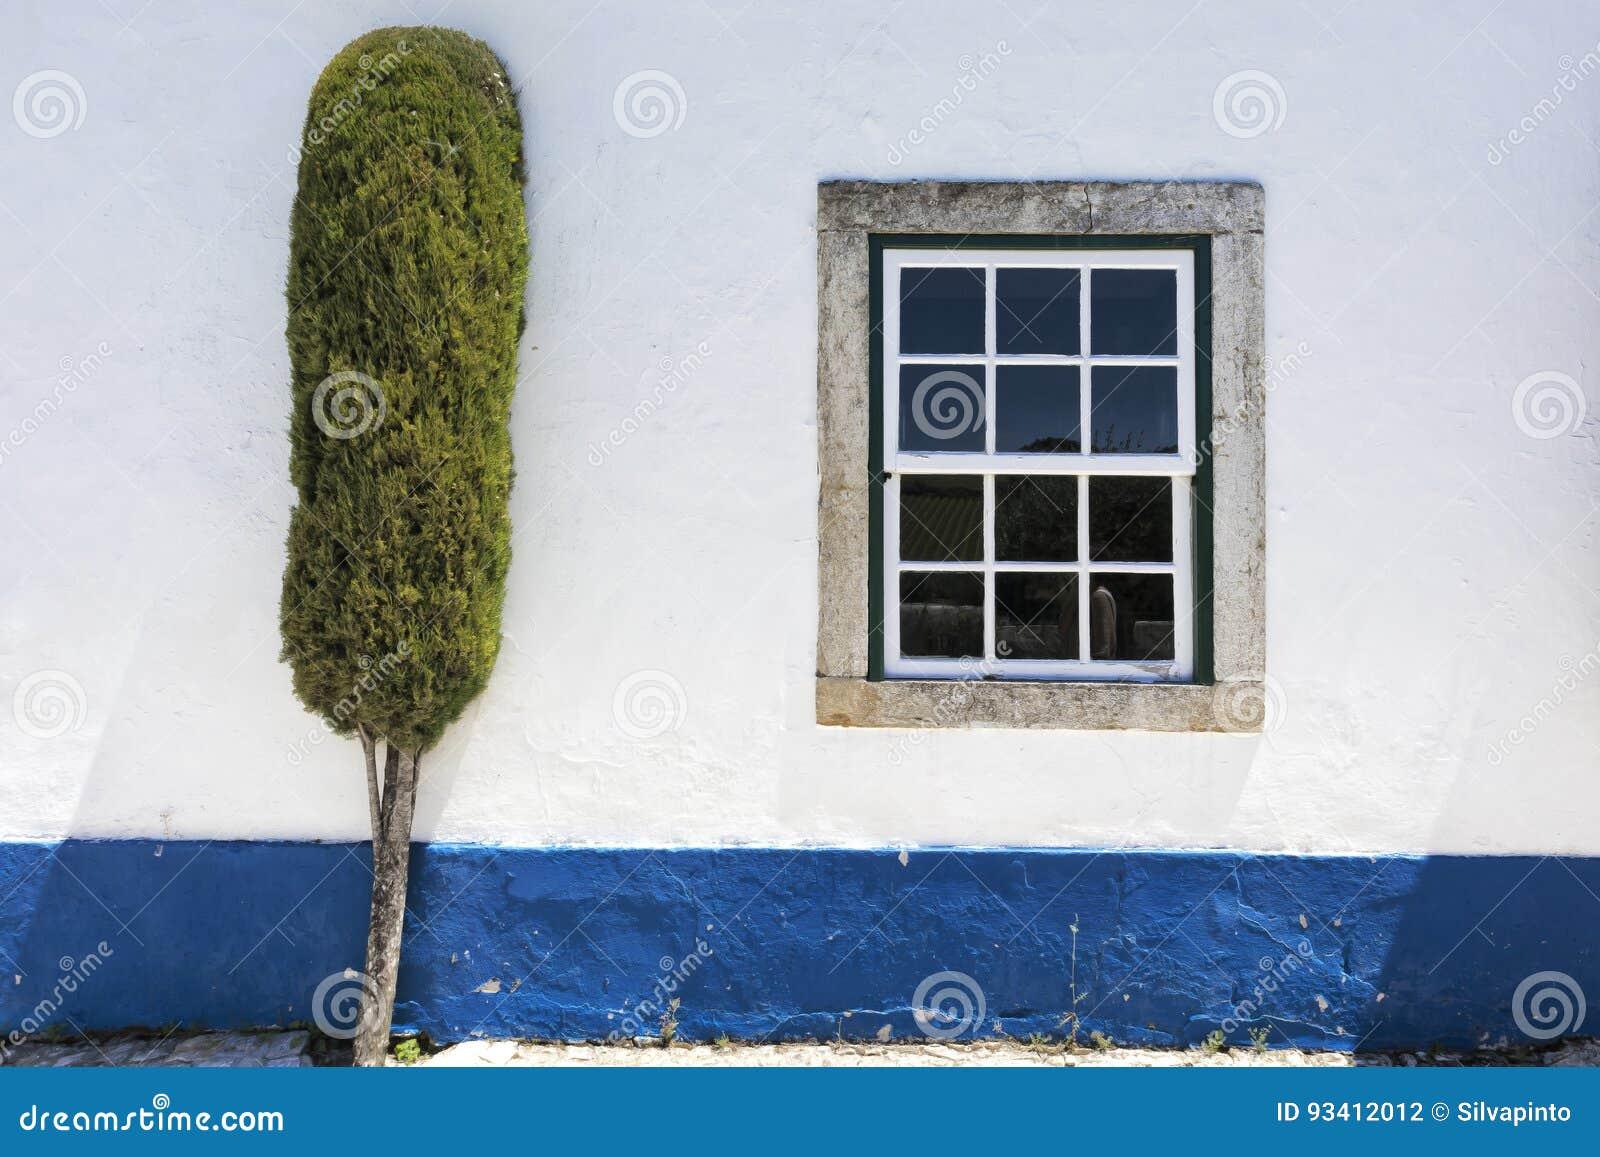 Weisse Wand Mit Blauem Streifen Fenster Und Baum Stockfoto Bild